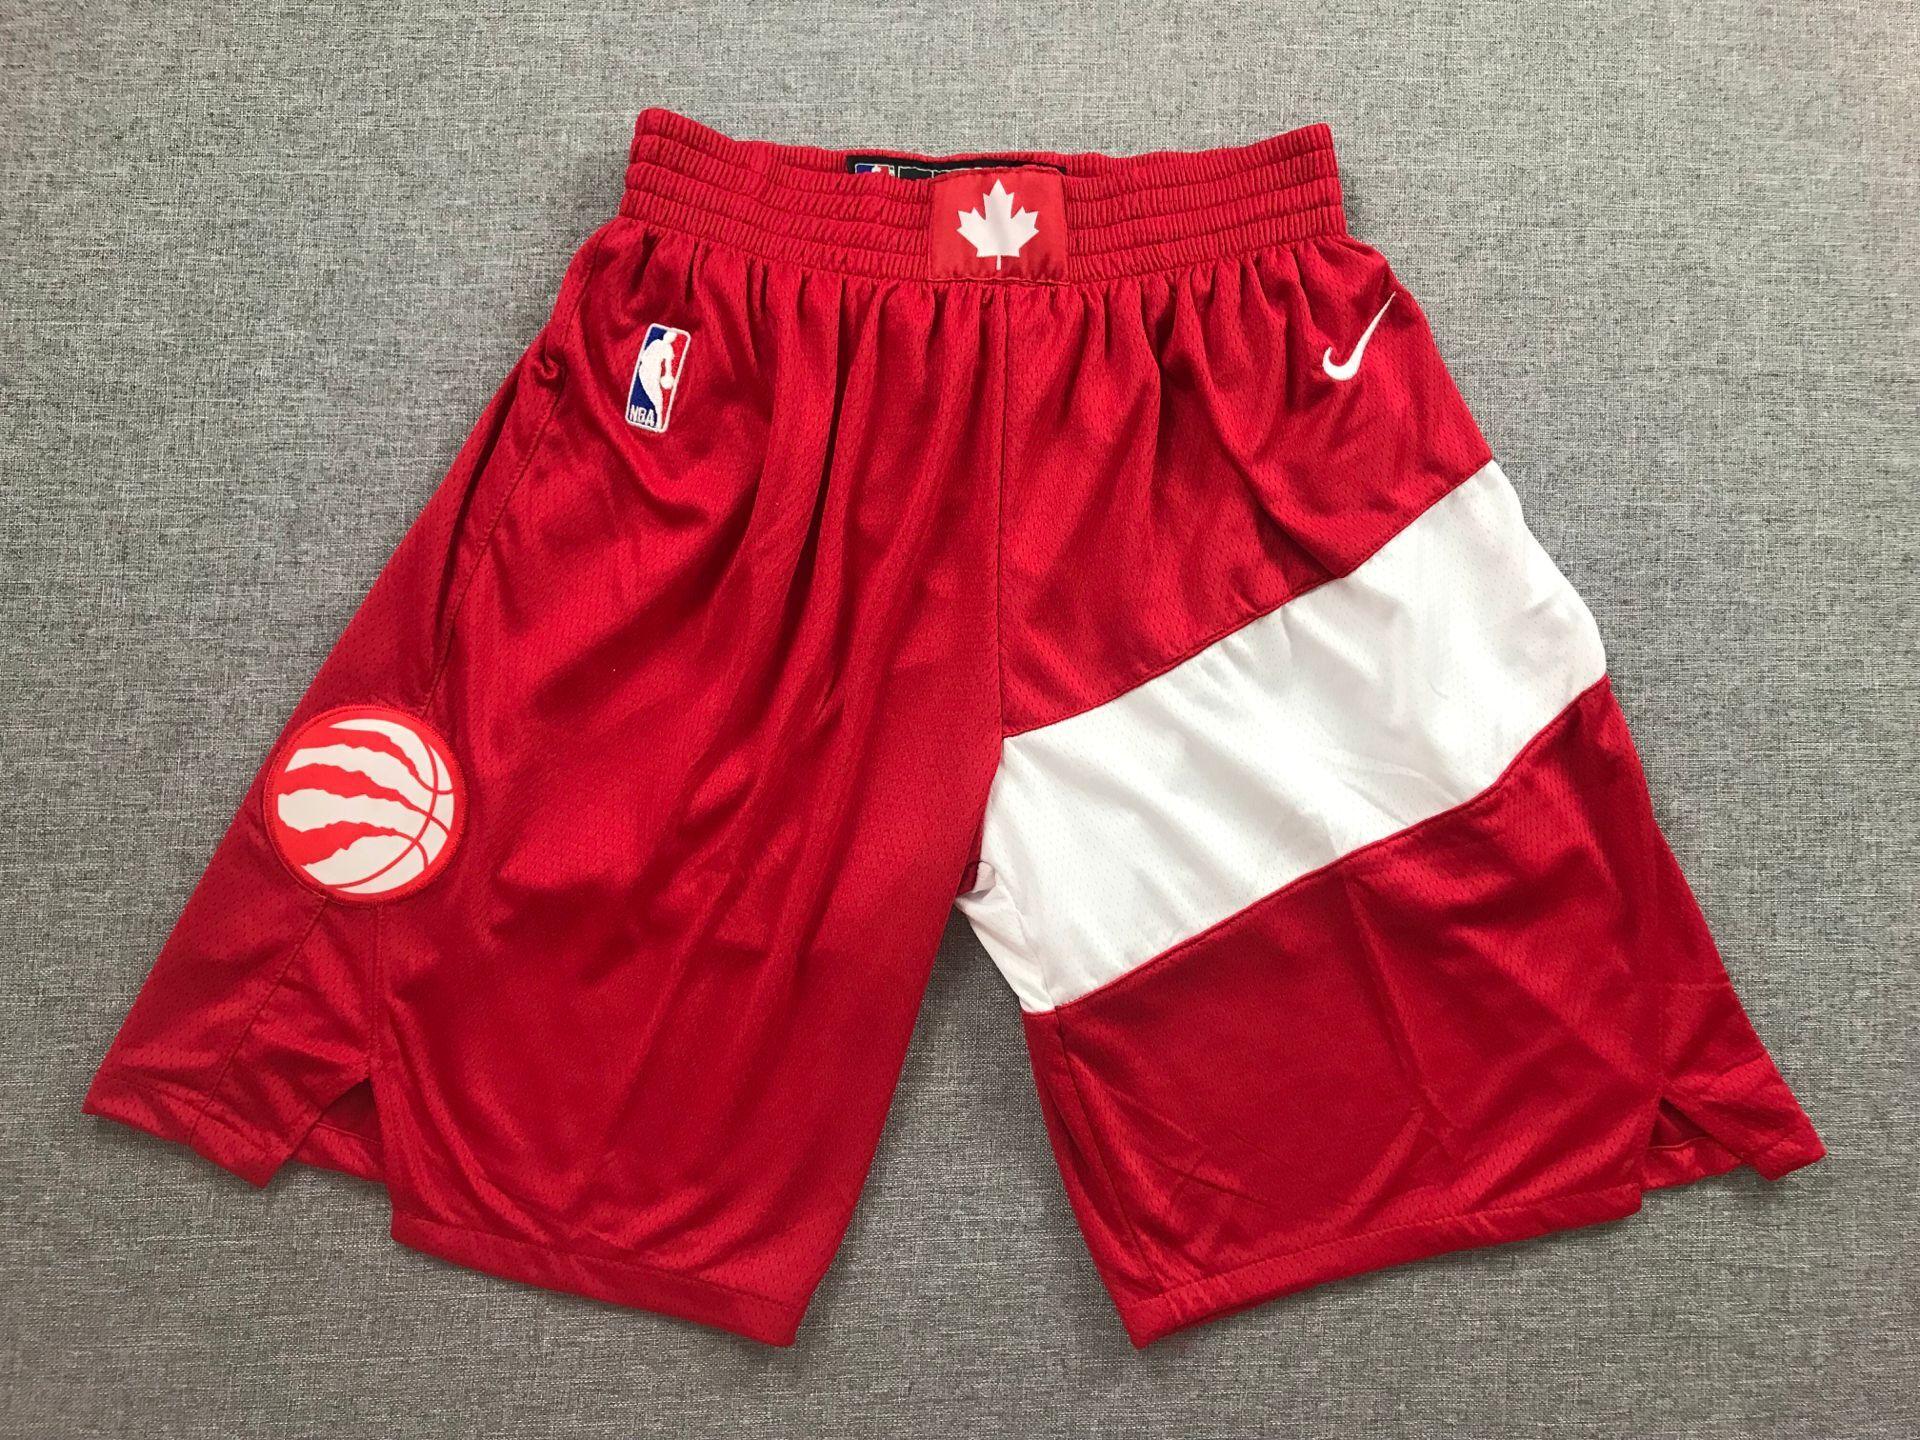 Raptors Red Earned Edition Nike Swingman Shorts